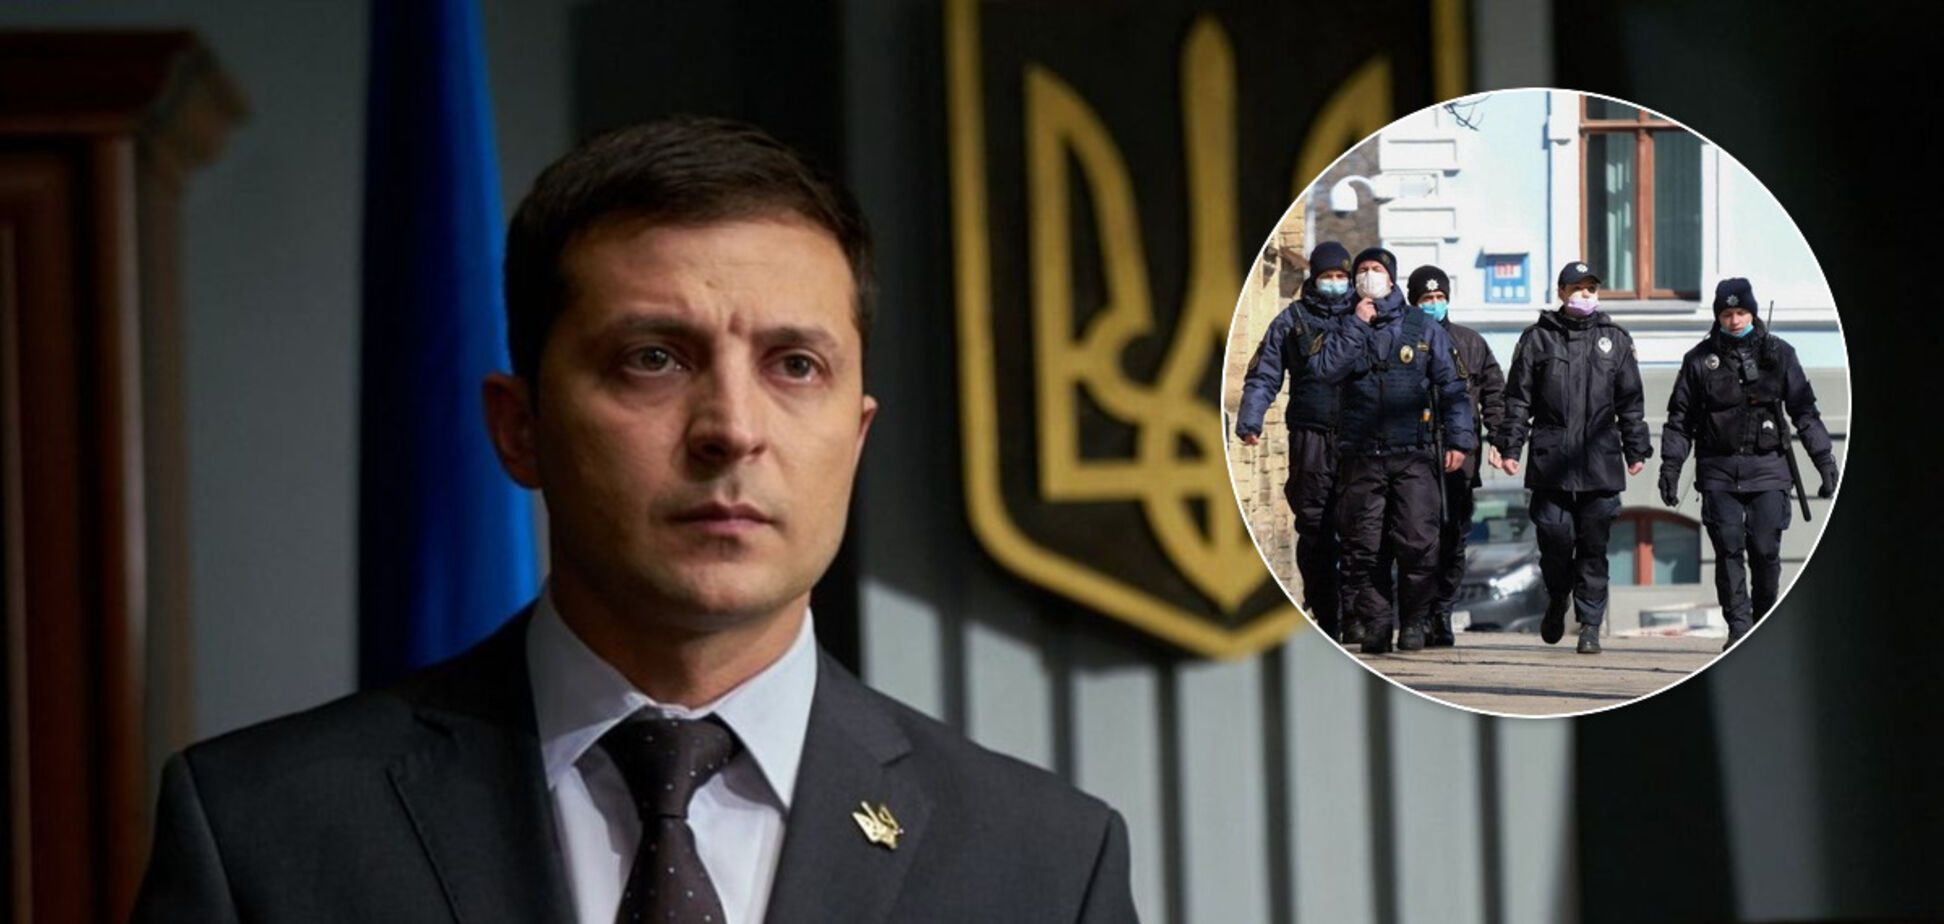 Зеленский может ввести ЧП в Украине в течение двух дней из-за нарушителей карантина